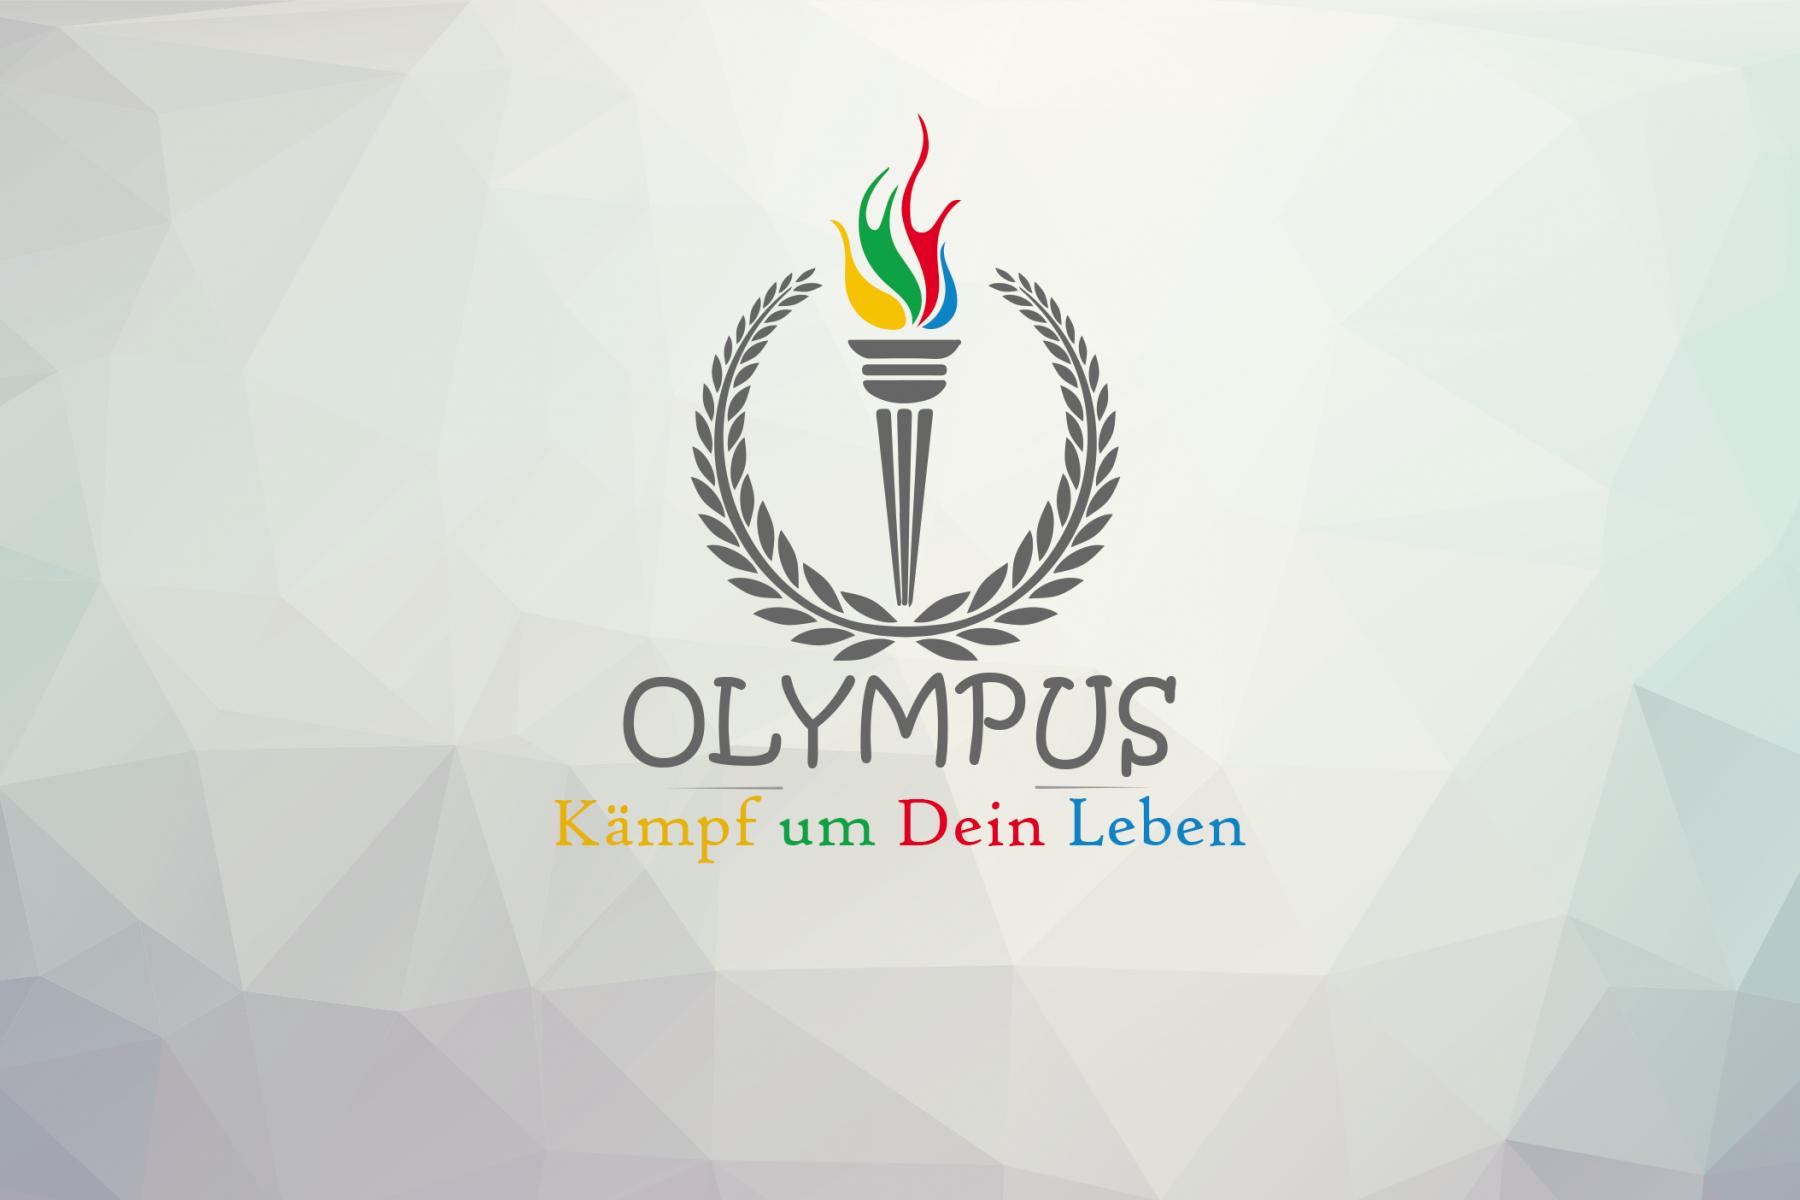 2019-Olympus-Titelbild-mit-Text